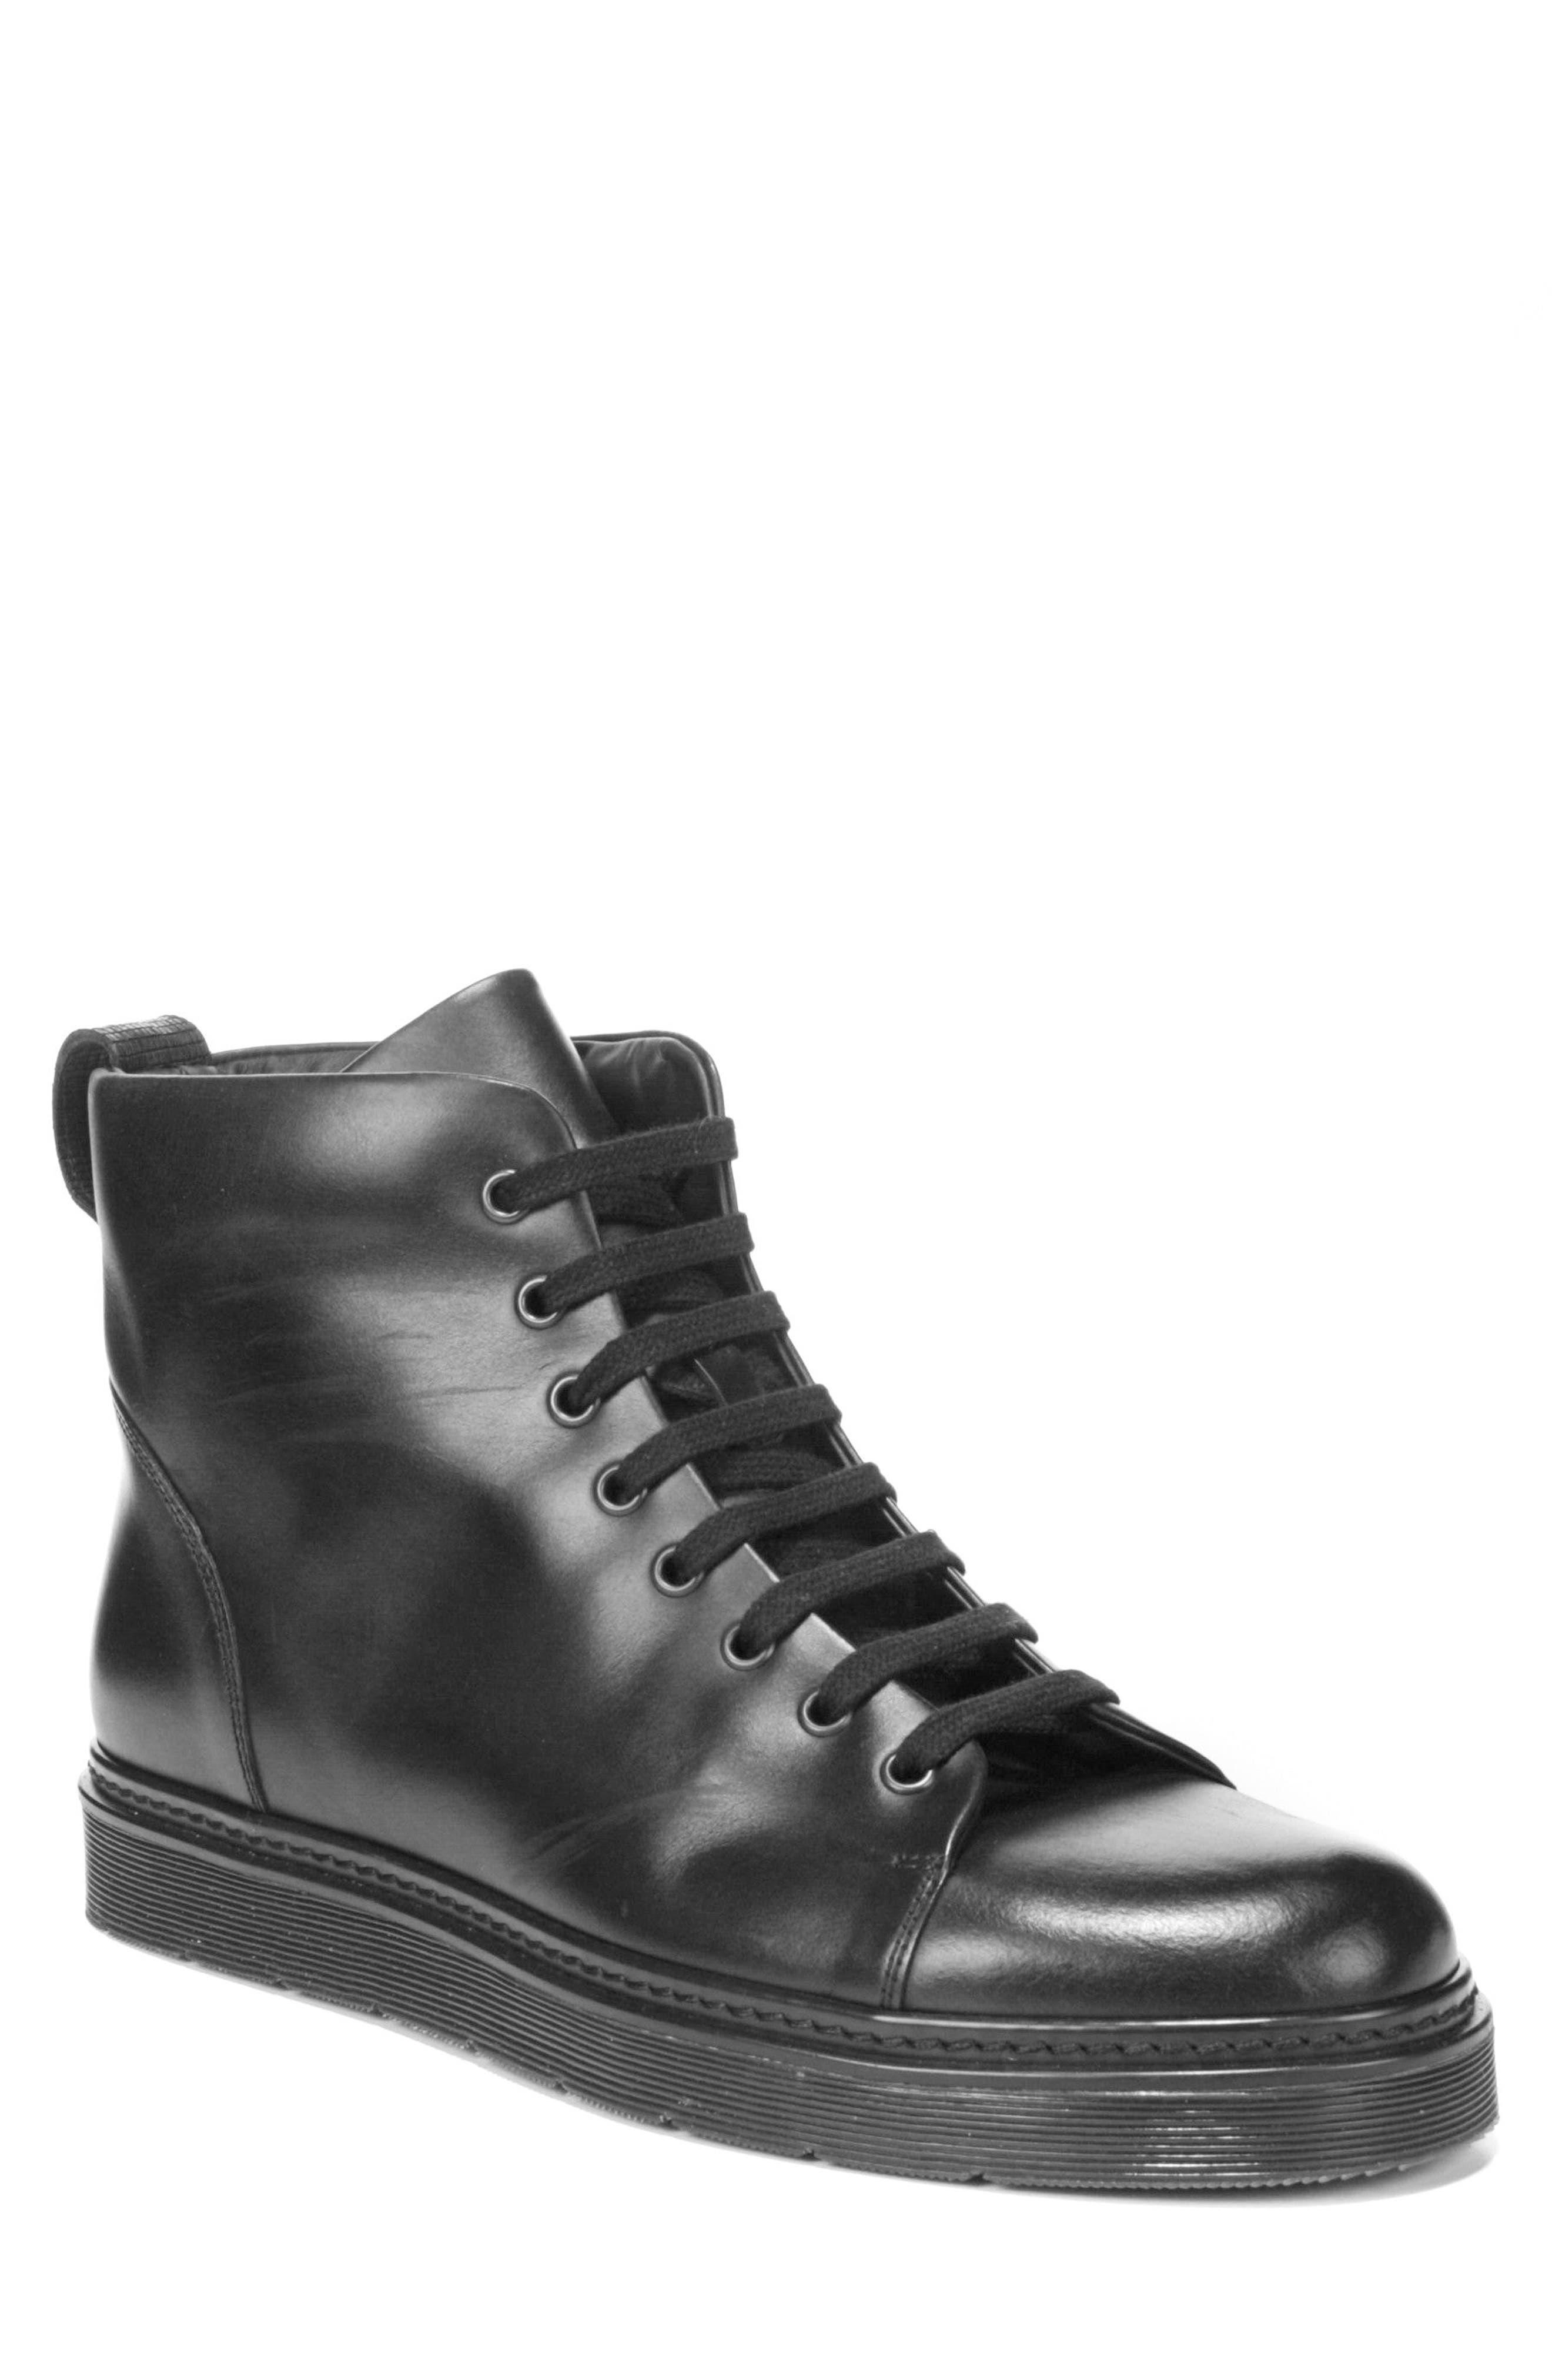 Malone Plain Toe Boot,                             Main thumbnail 1, color,                             Black